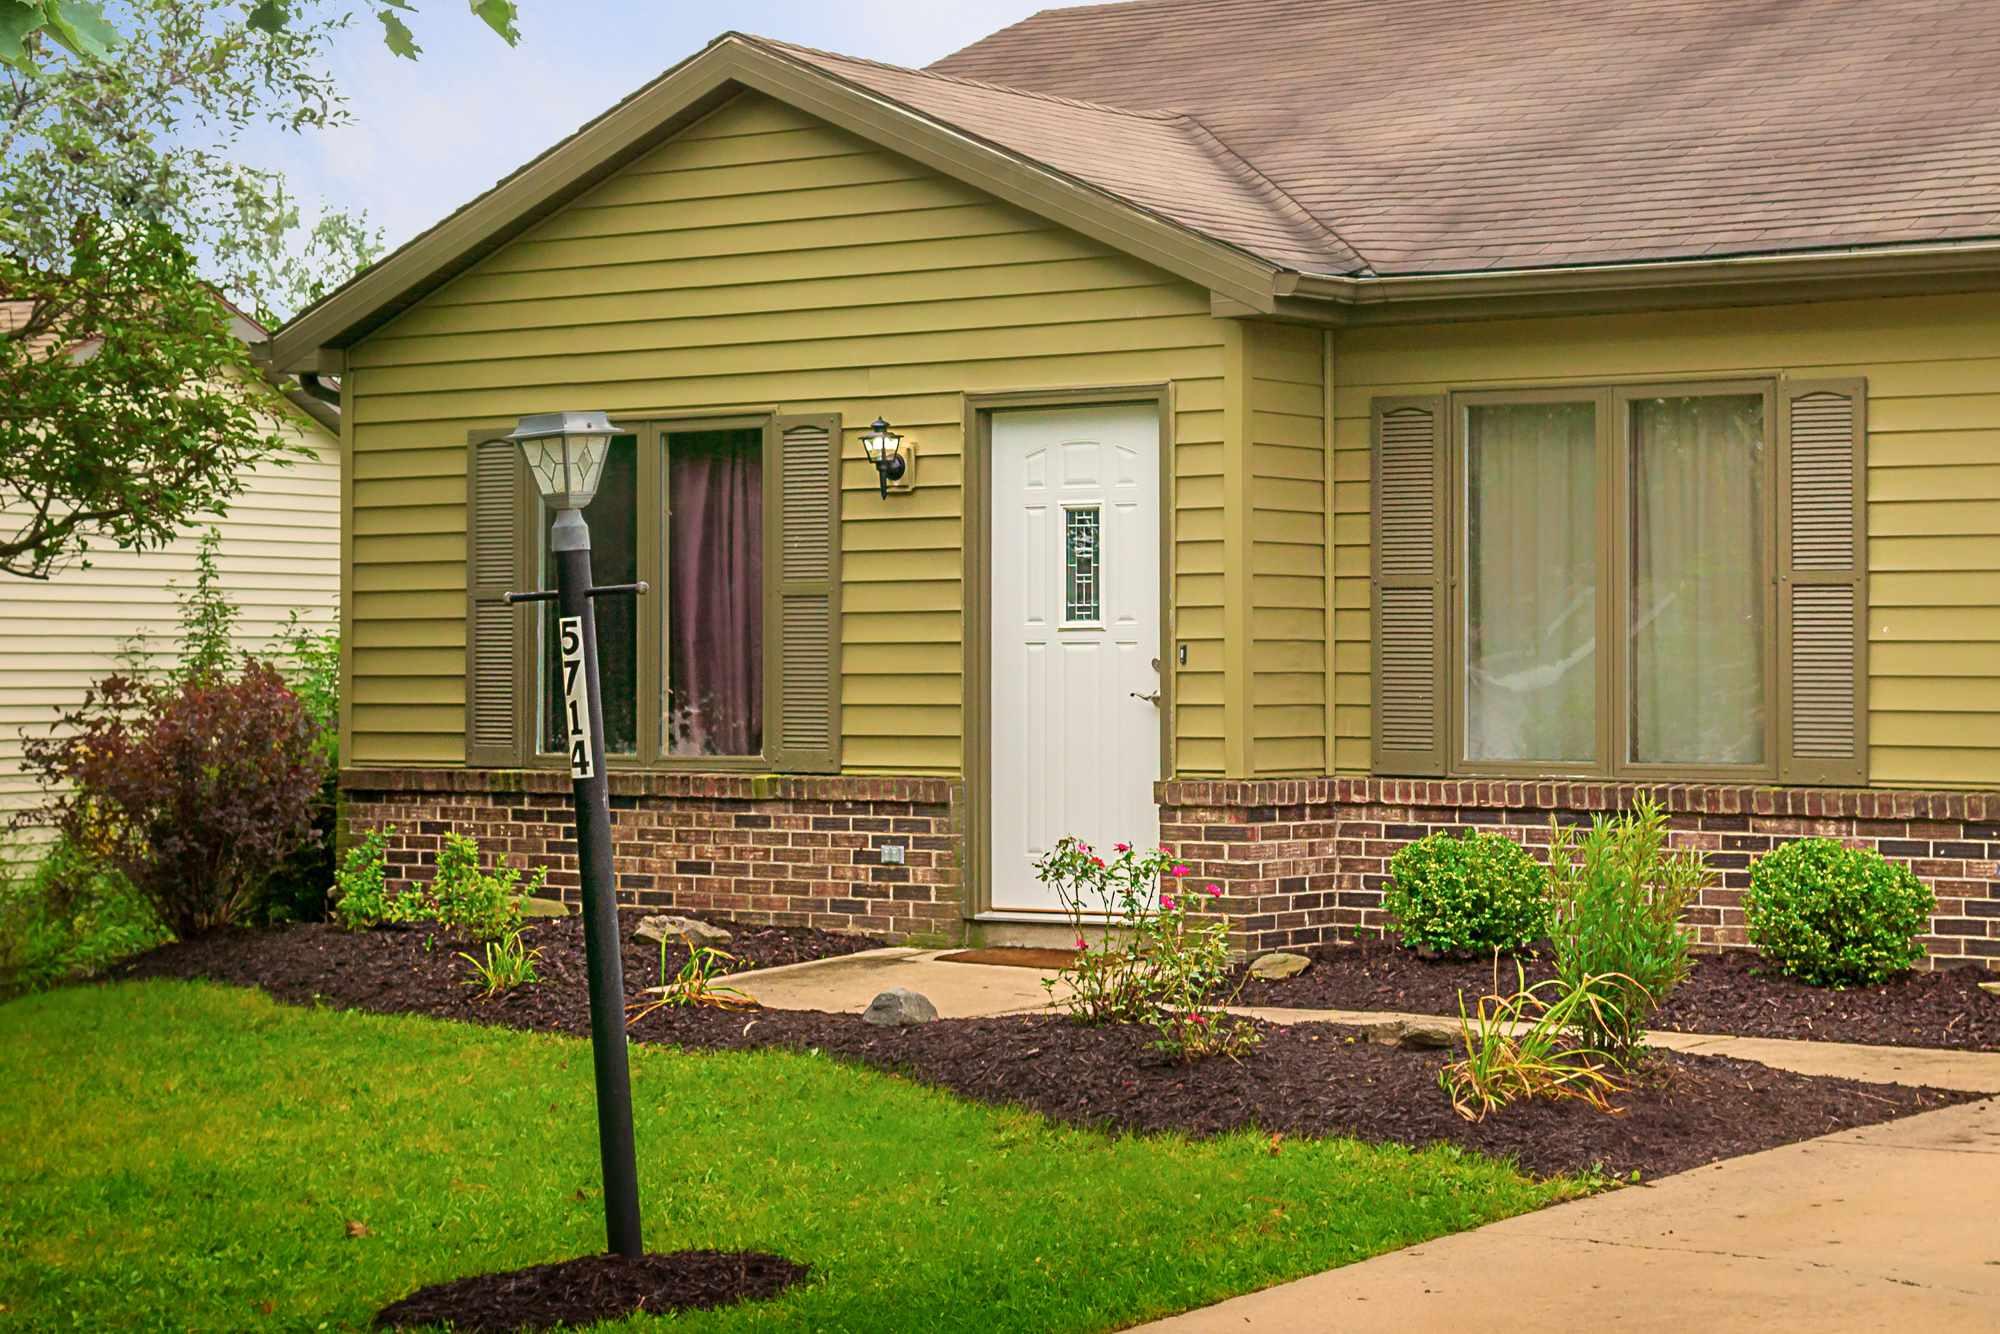 604 Nuttman Ave, Fort Wayne, IN 46807 | RealEstate.com